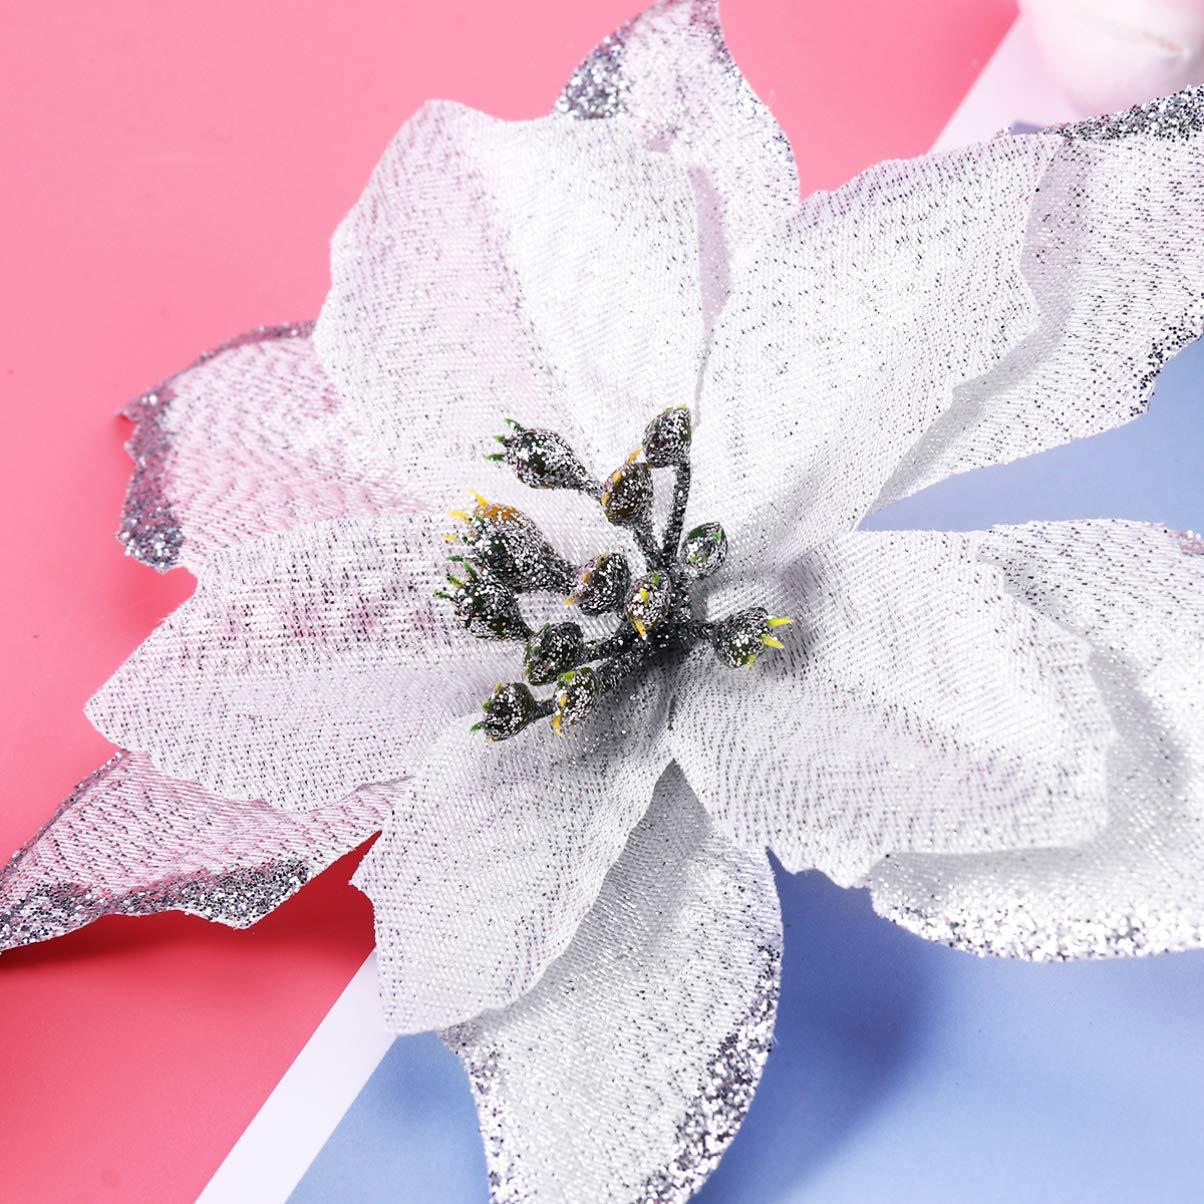 Amosfun 10 Piezas 13 cm Flores Artificiales de Navidad Glitter Poinsettia /árbol de Navidad Flores Ornamento DIY /árbol de Navidad guirnaldas guirnaldas de Vacaciones decoraci/ón Rojo